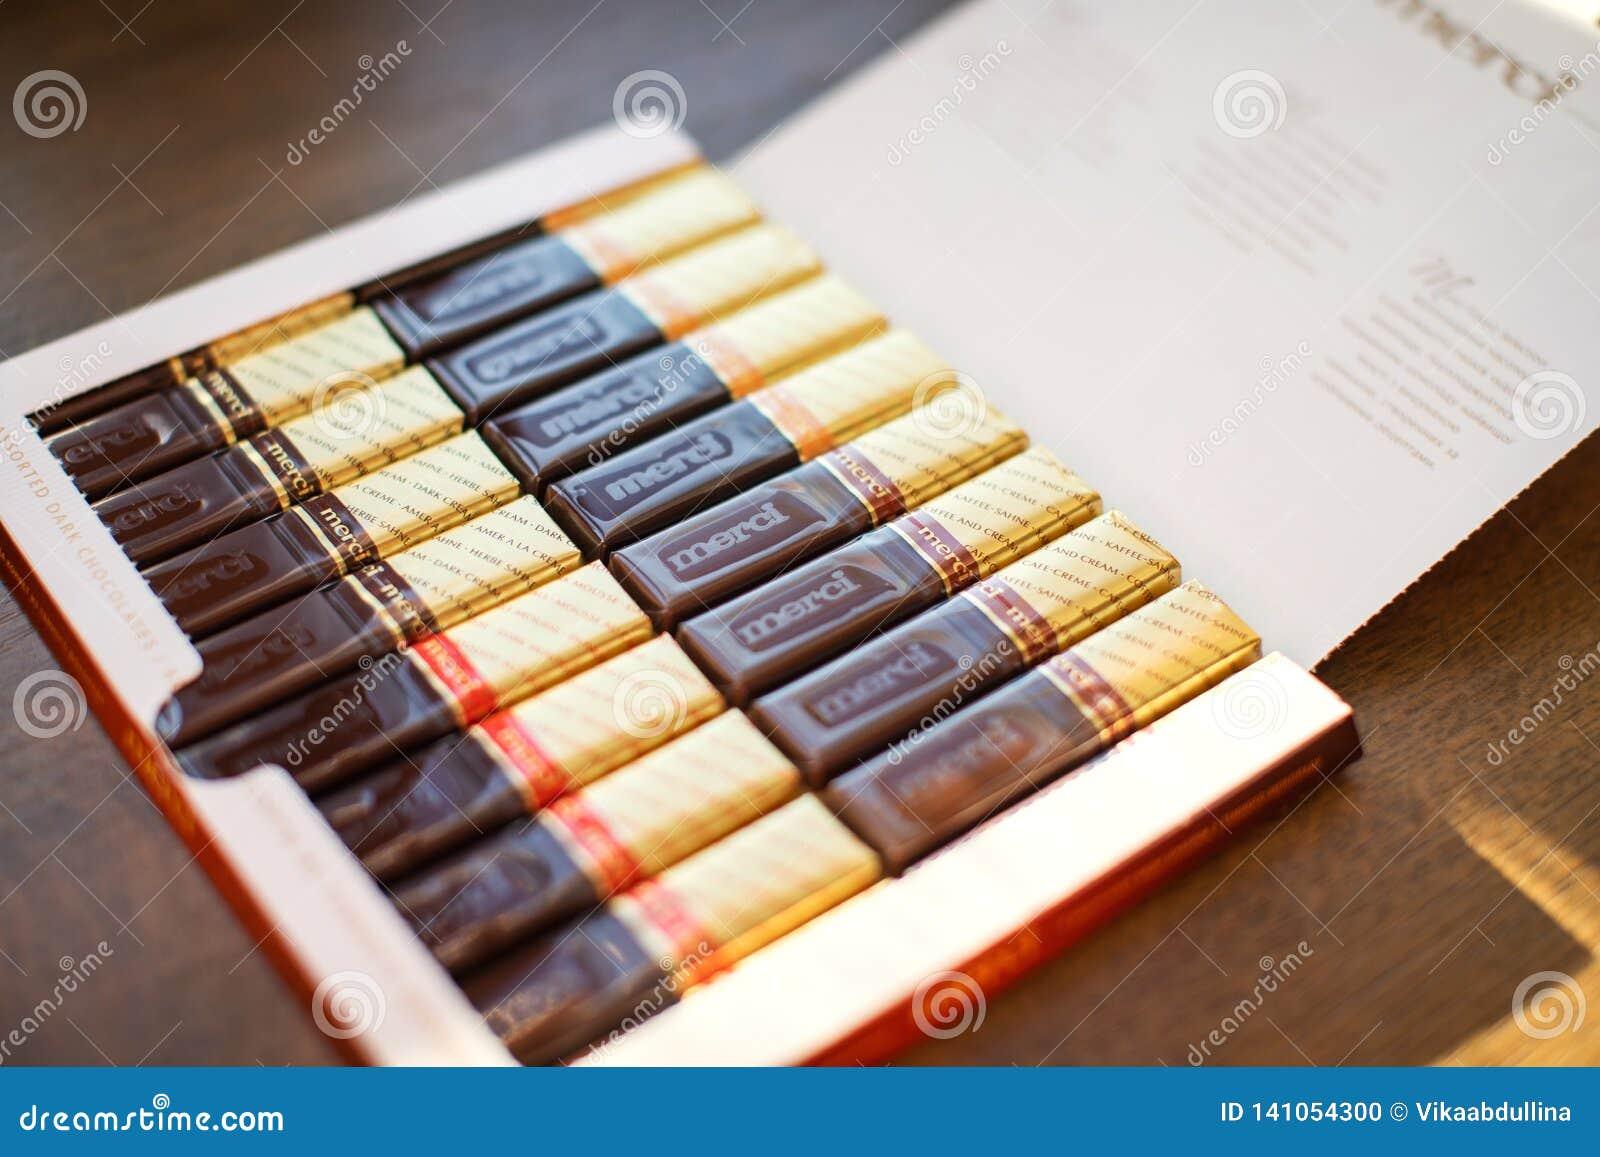 Merci czekolada - gatunek fabrykujący Niemiecką firmą Sierpniowy Storck czekoladowy cukierek, sprzedający w więcej niż 70 krajach